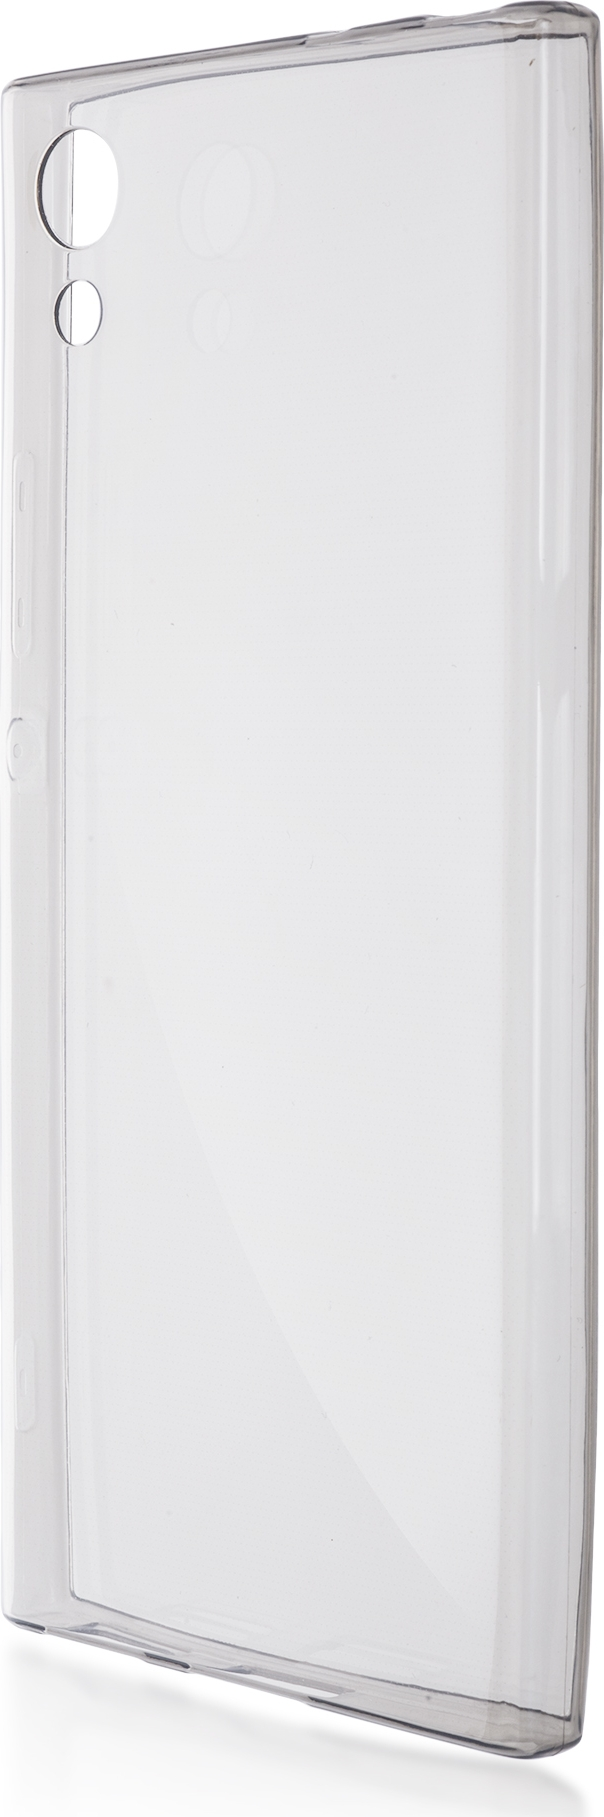 Чехол Brosco TPU для Sony Xperia XA1, черный чехол для sony i4213 xperia 10 plus brosco силиконовая накладка черный